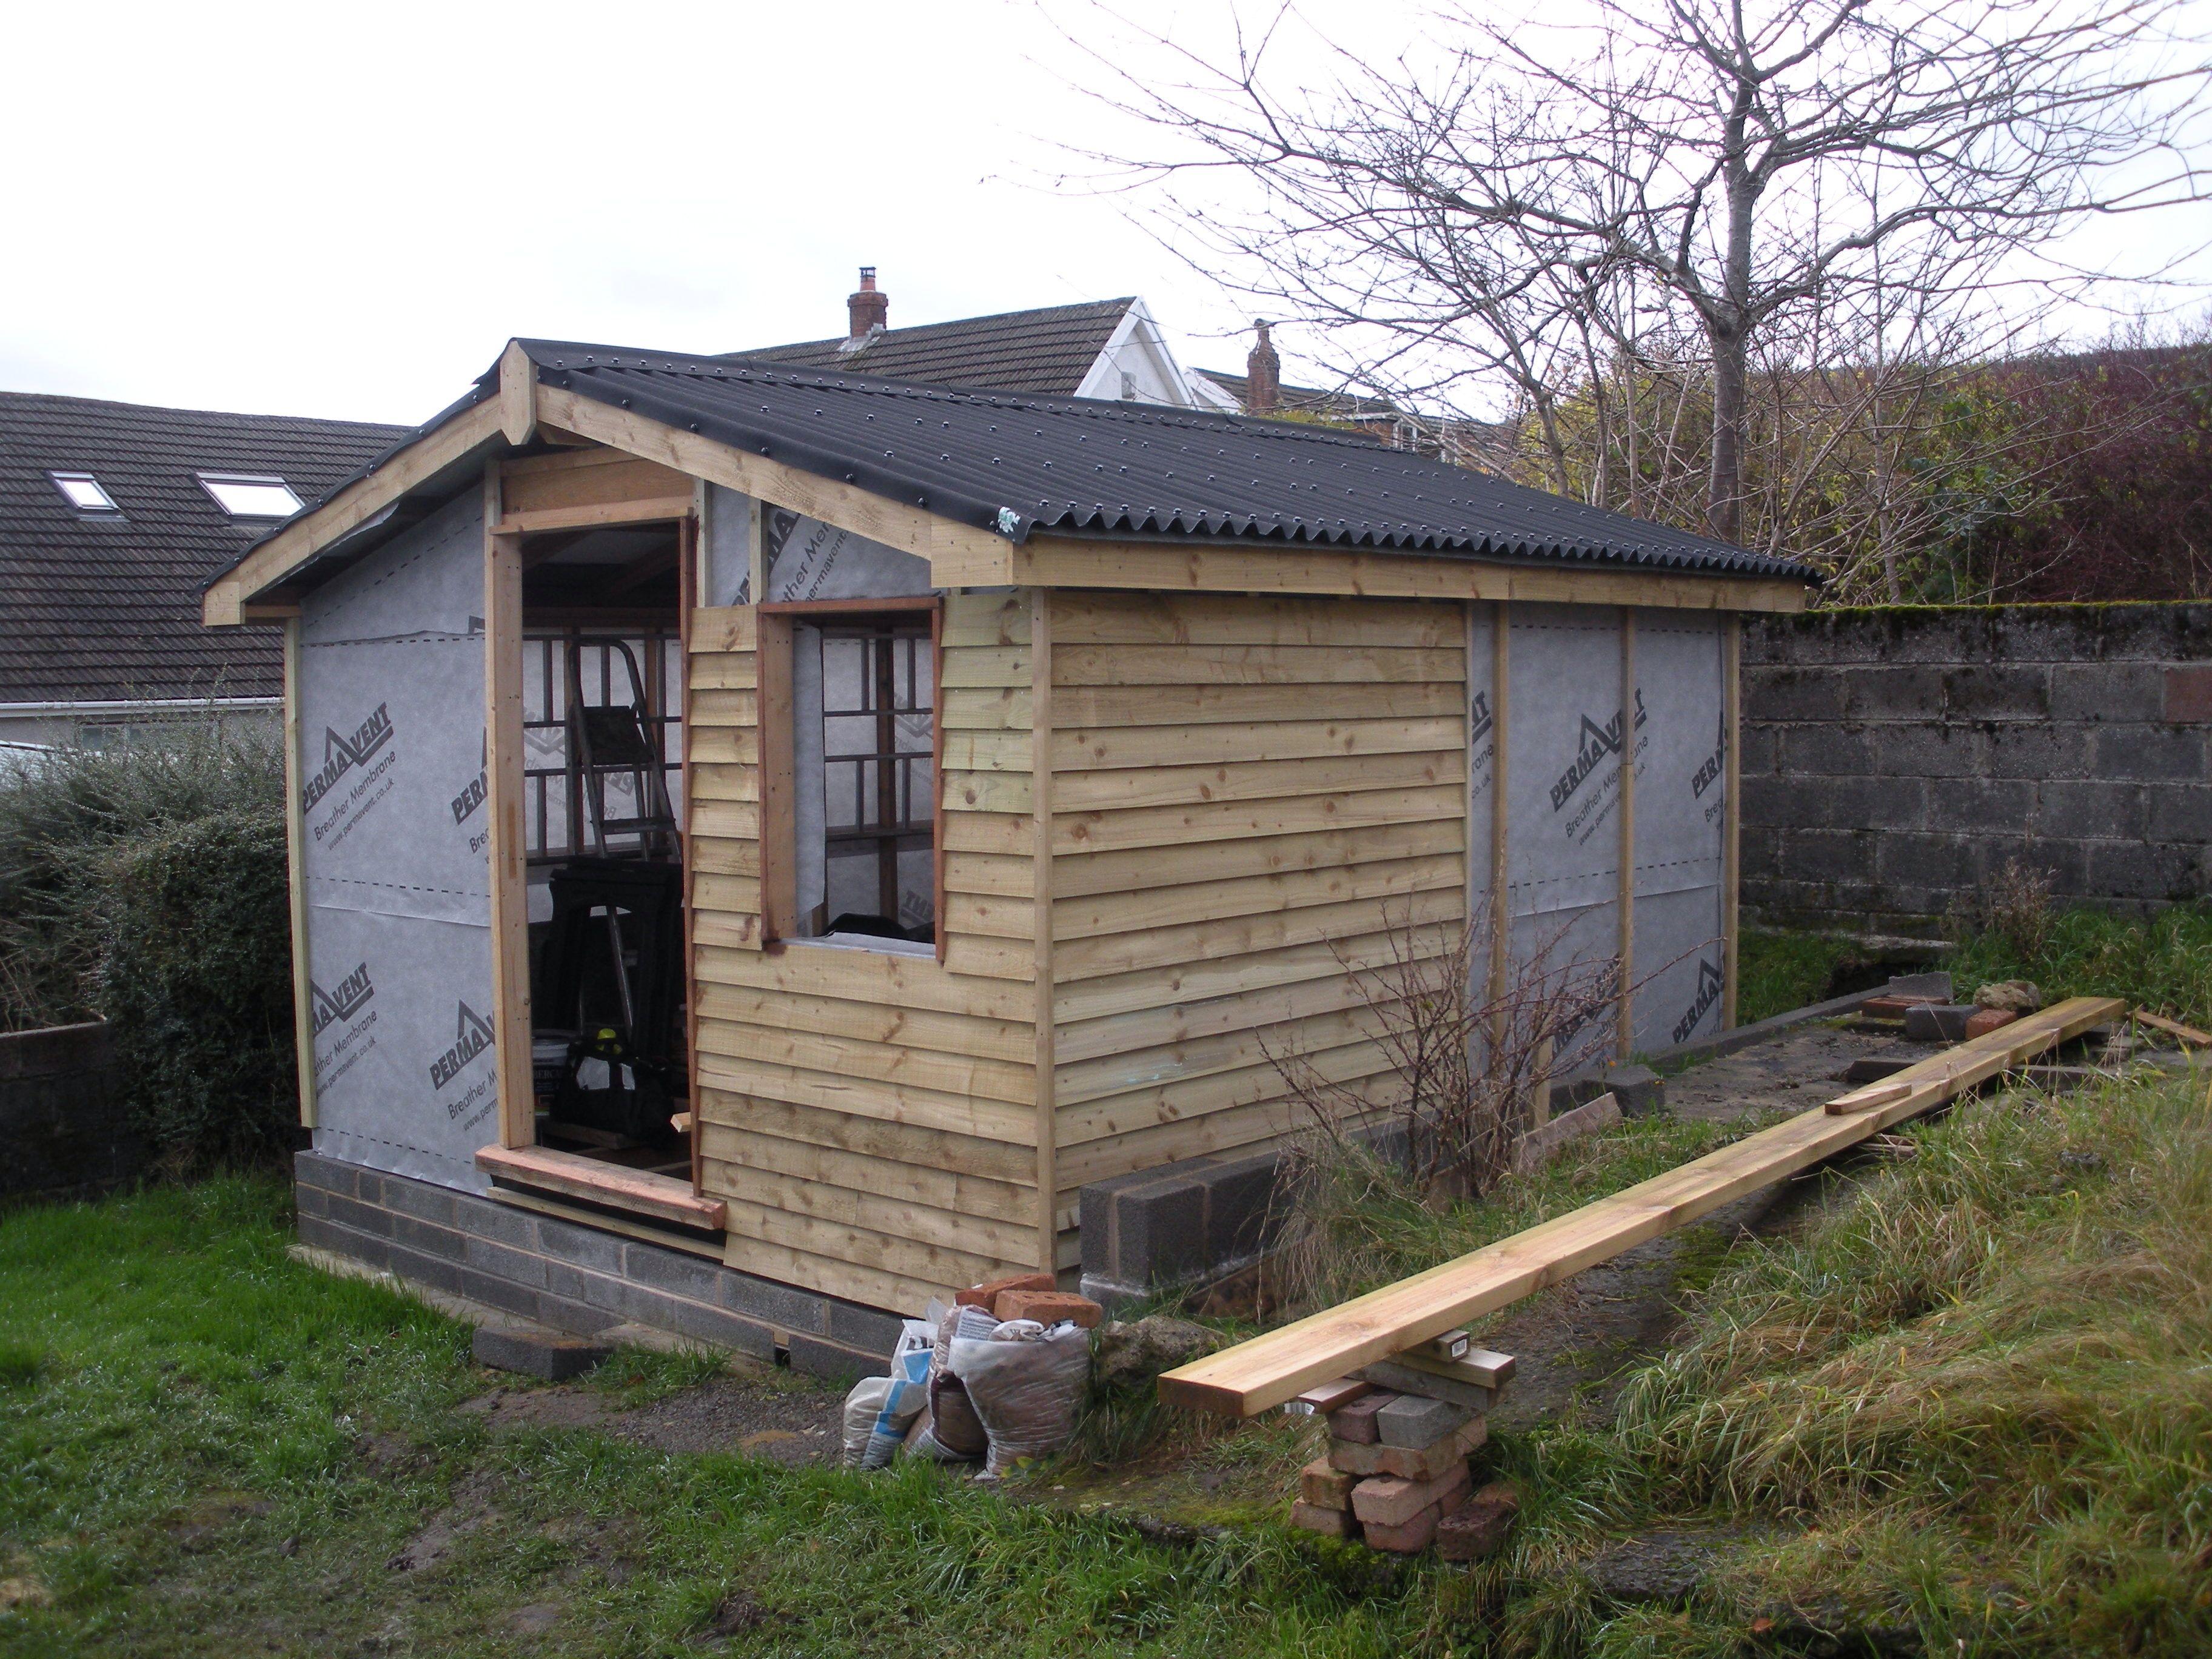 Cout construction maison vaud for Cout annexe construction maison